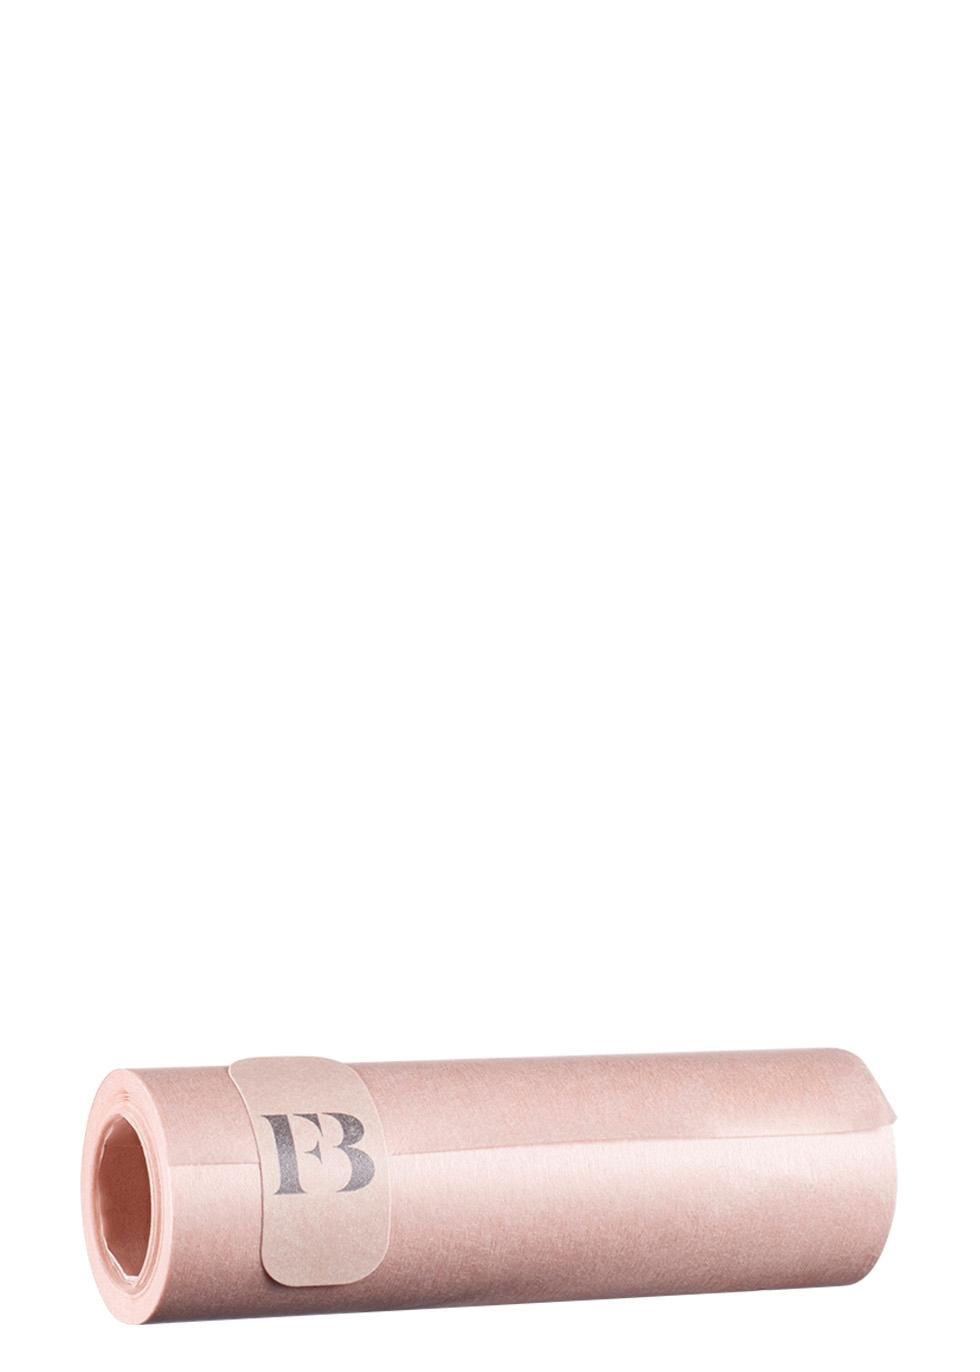 Invisimatte Blotting Paper Refill